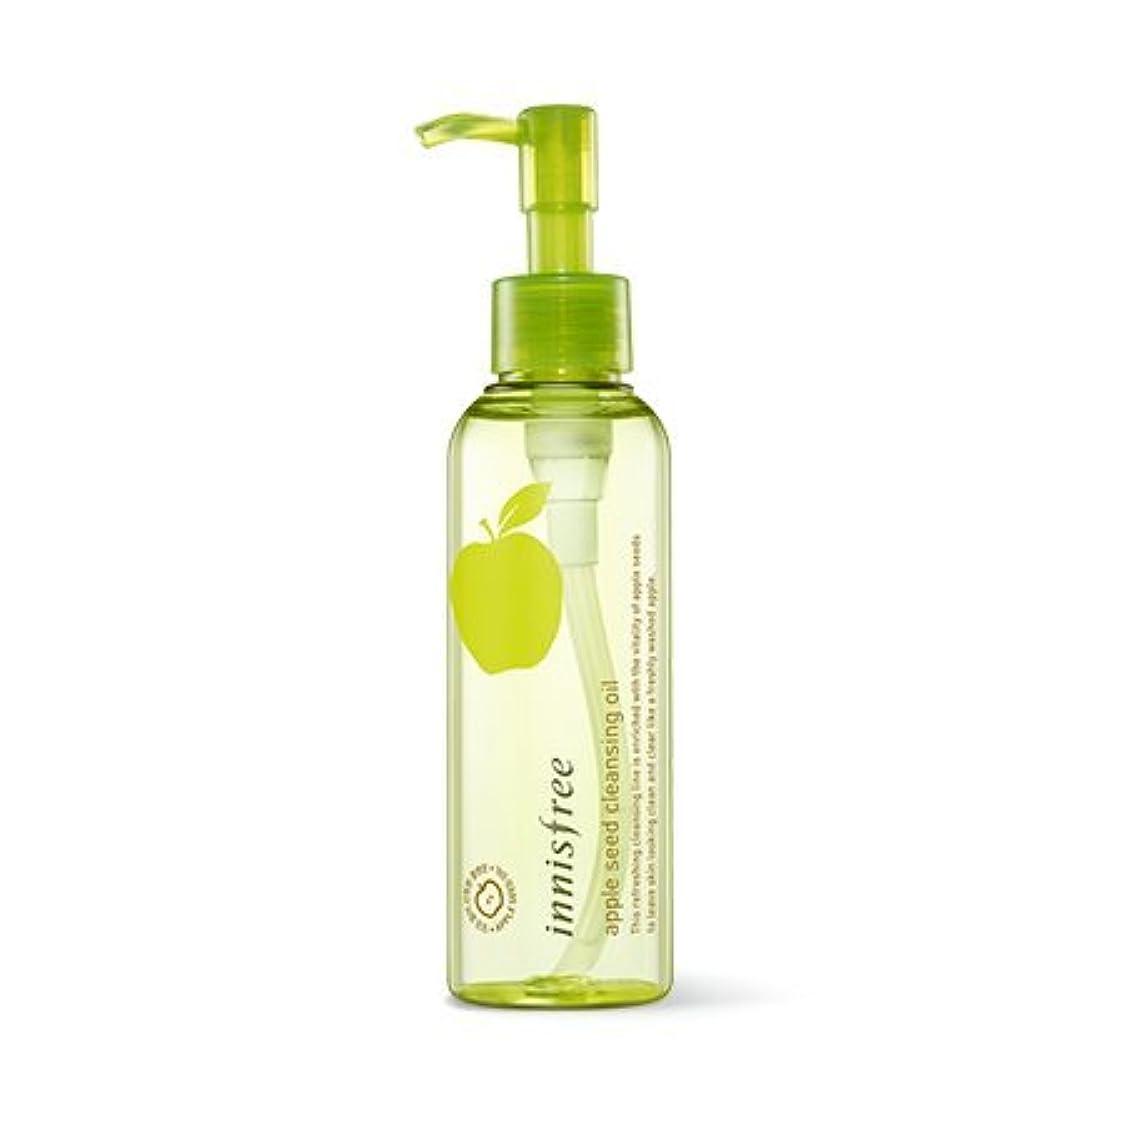 却下するファセットちっちゃい[New] innisfree Apple Seed Cleansing Oil 150ml/イニスフリー アップル シード クレンジング オイル 150ml